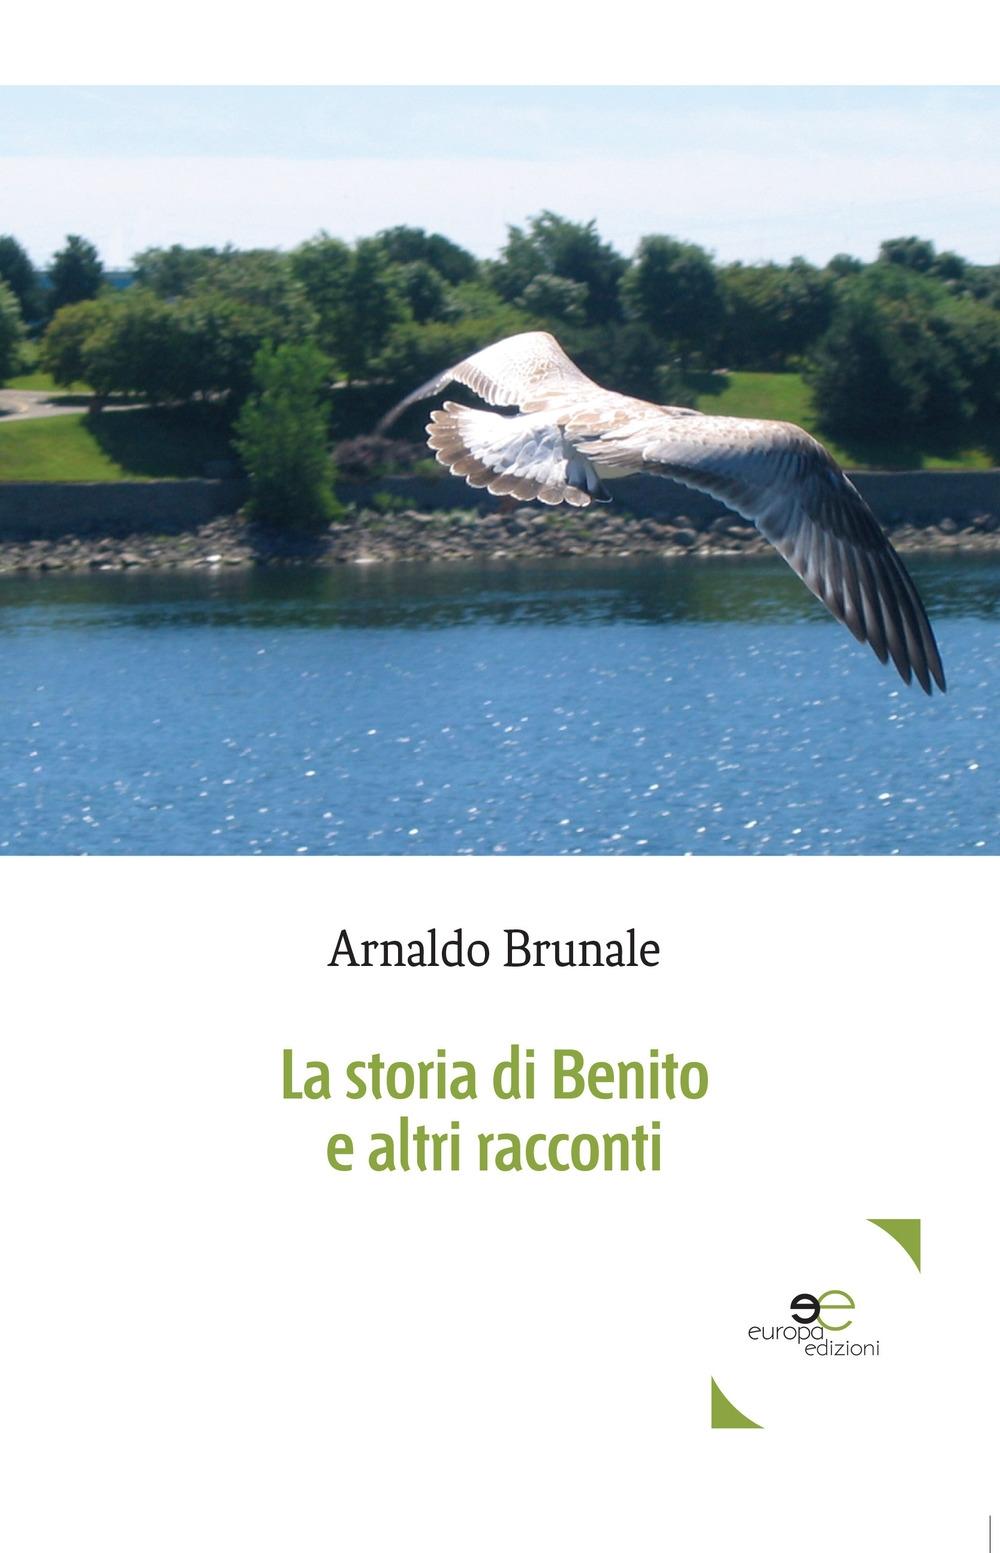 La storia di Benito e altri racconti